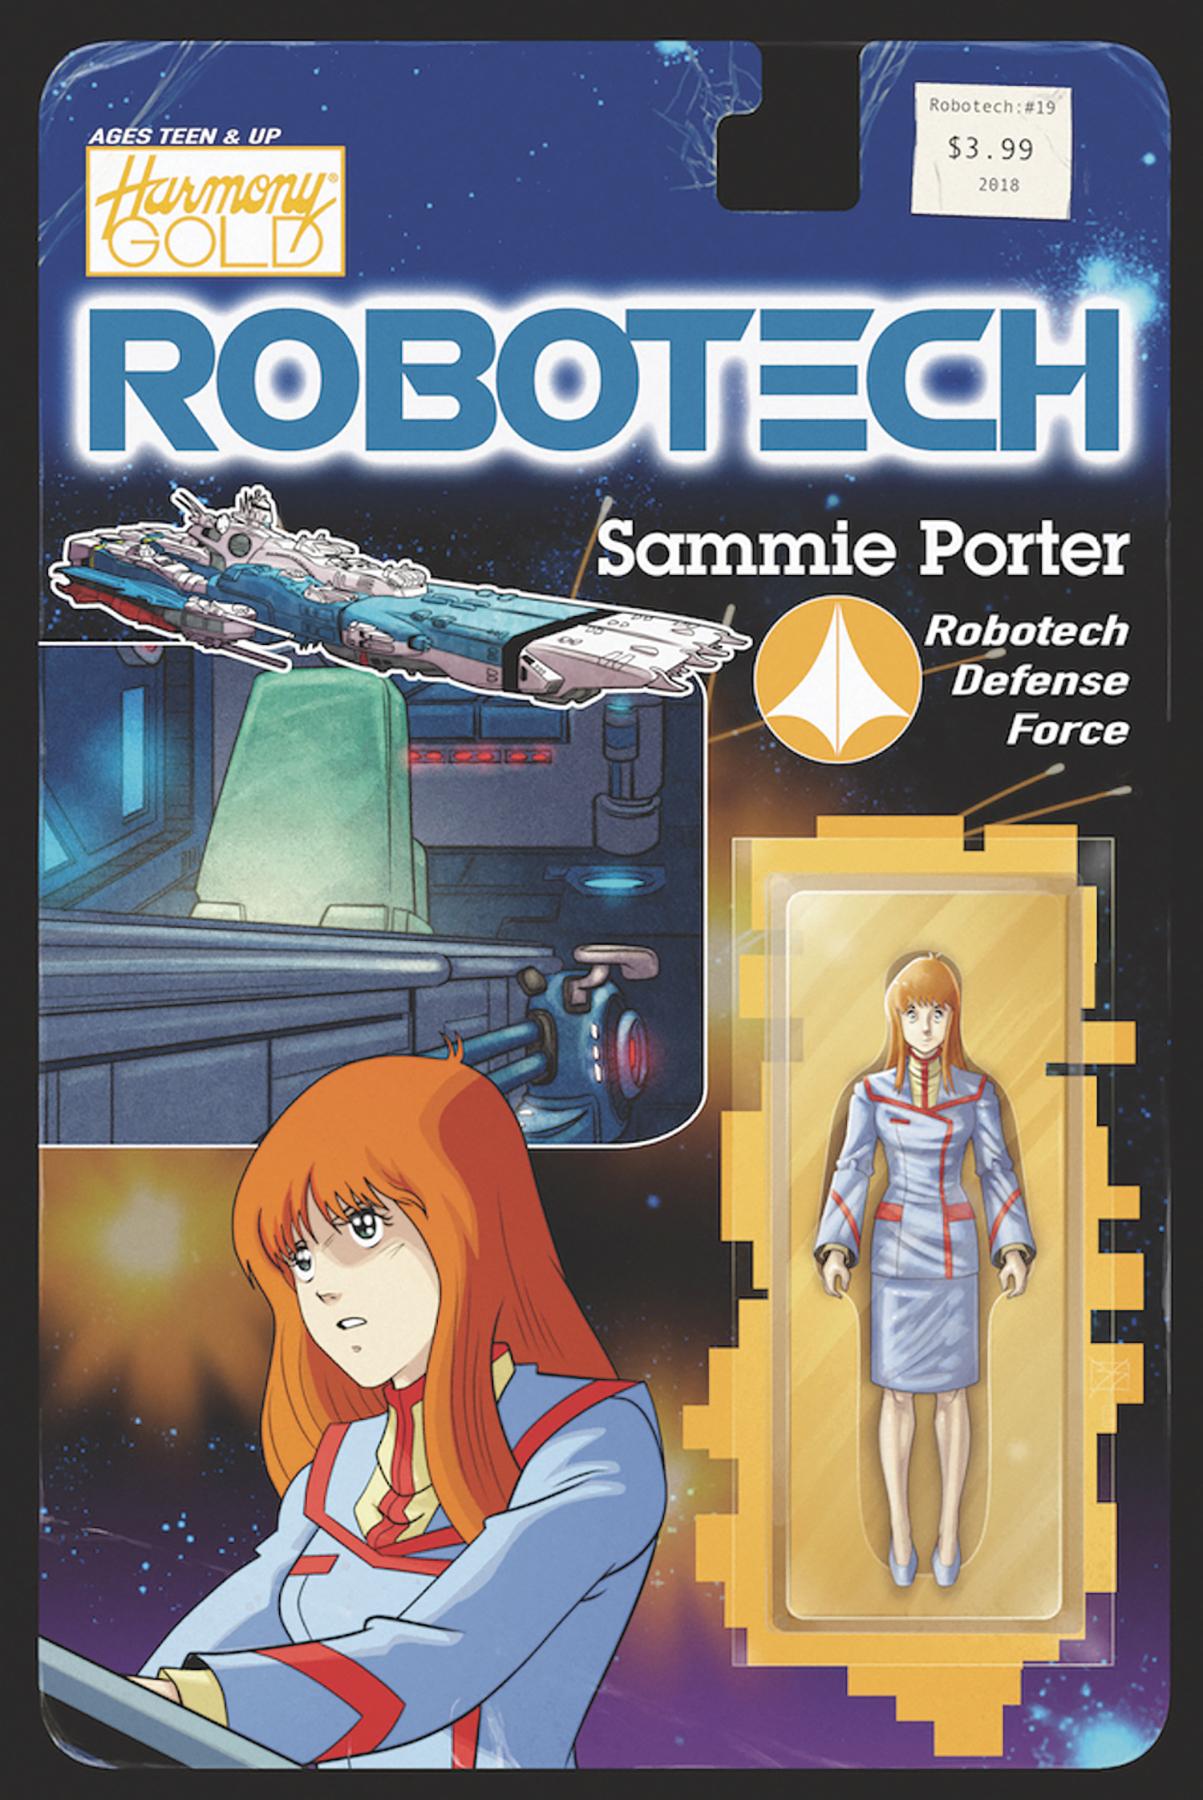 ROBOTECH #19 CVR B ACTION FIGURE VAR